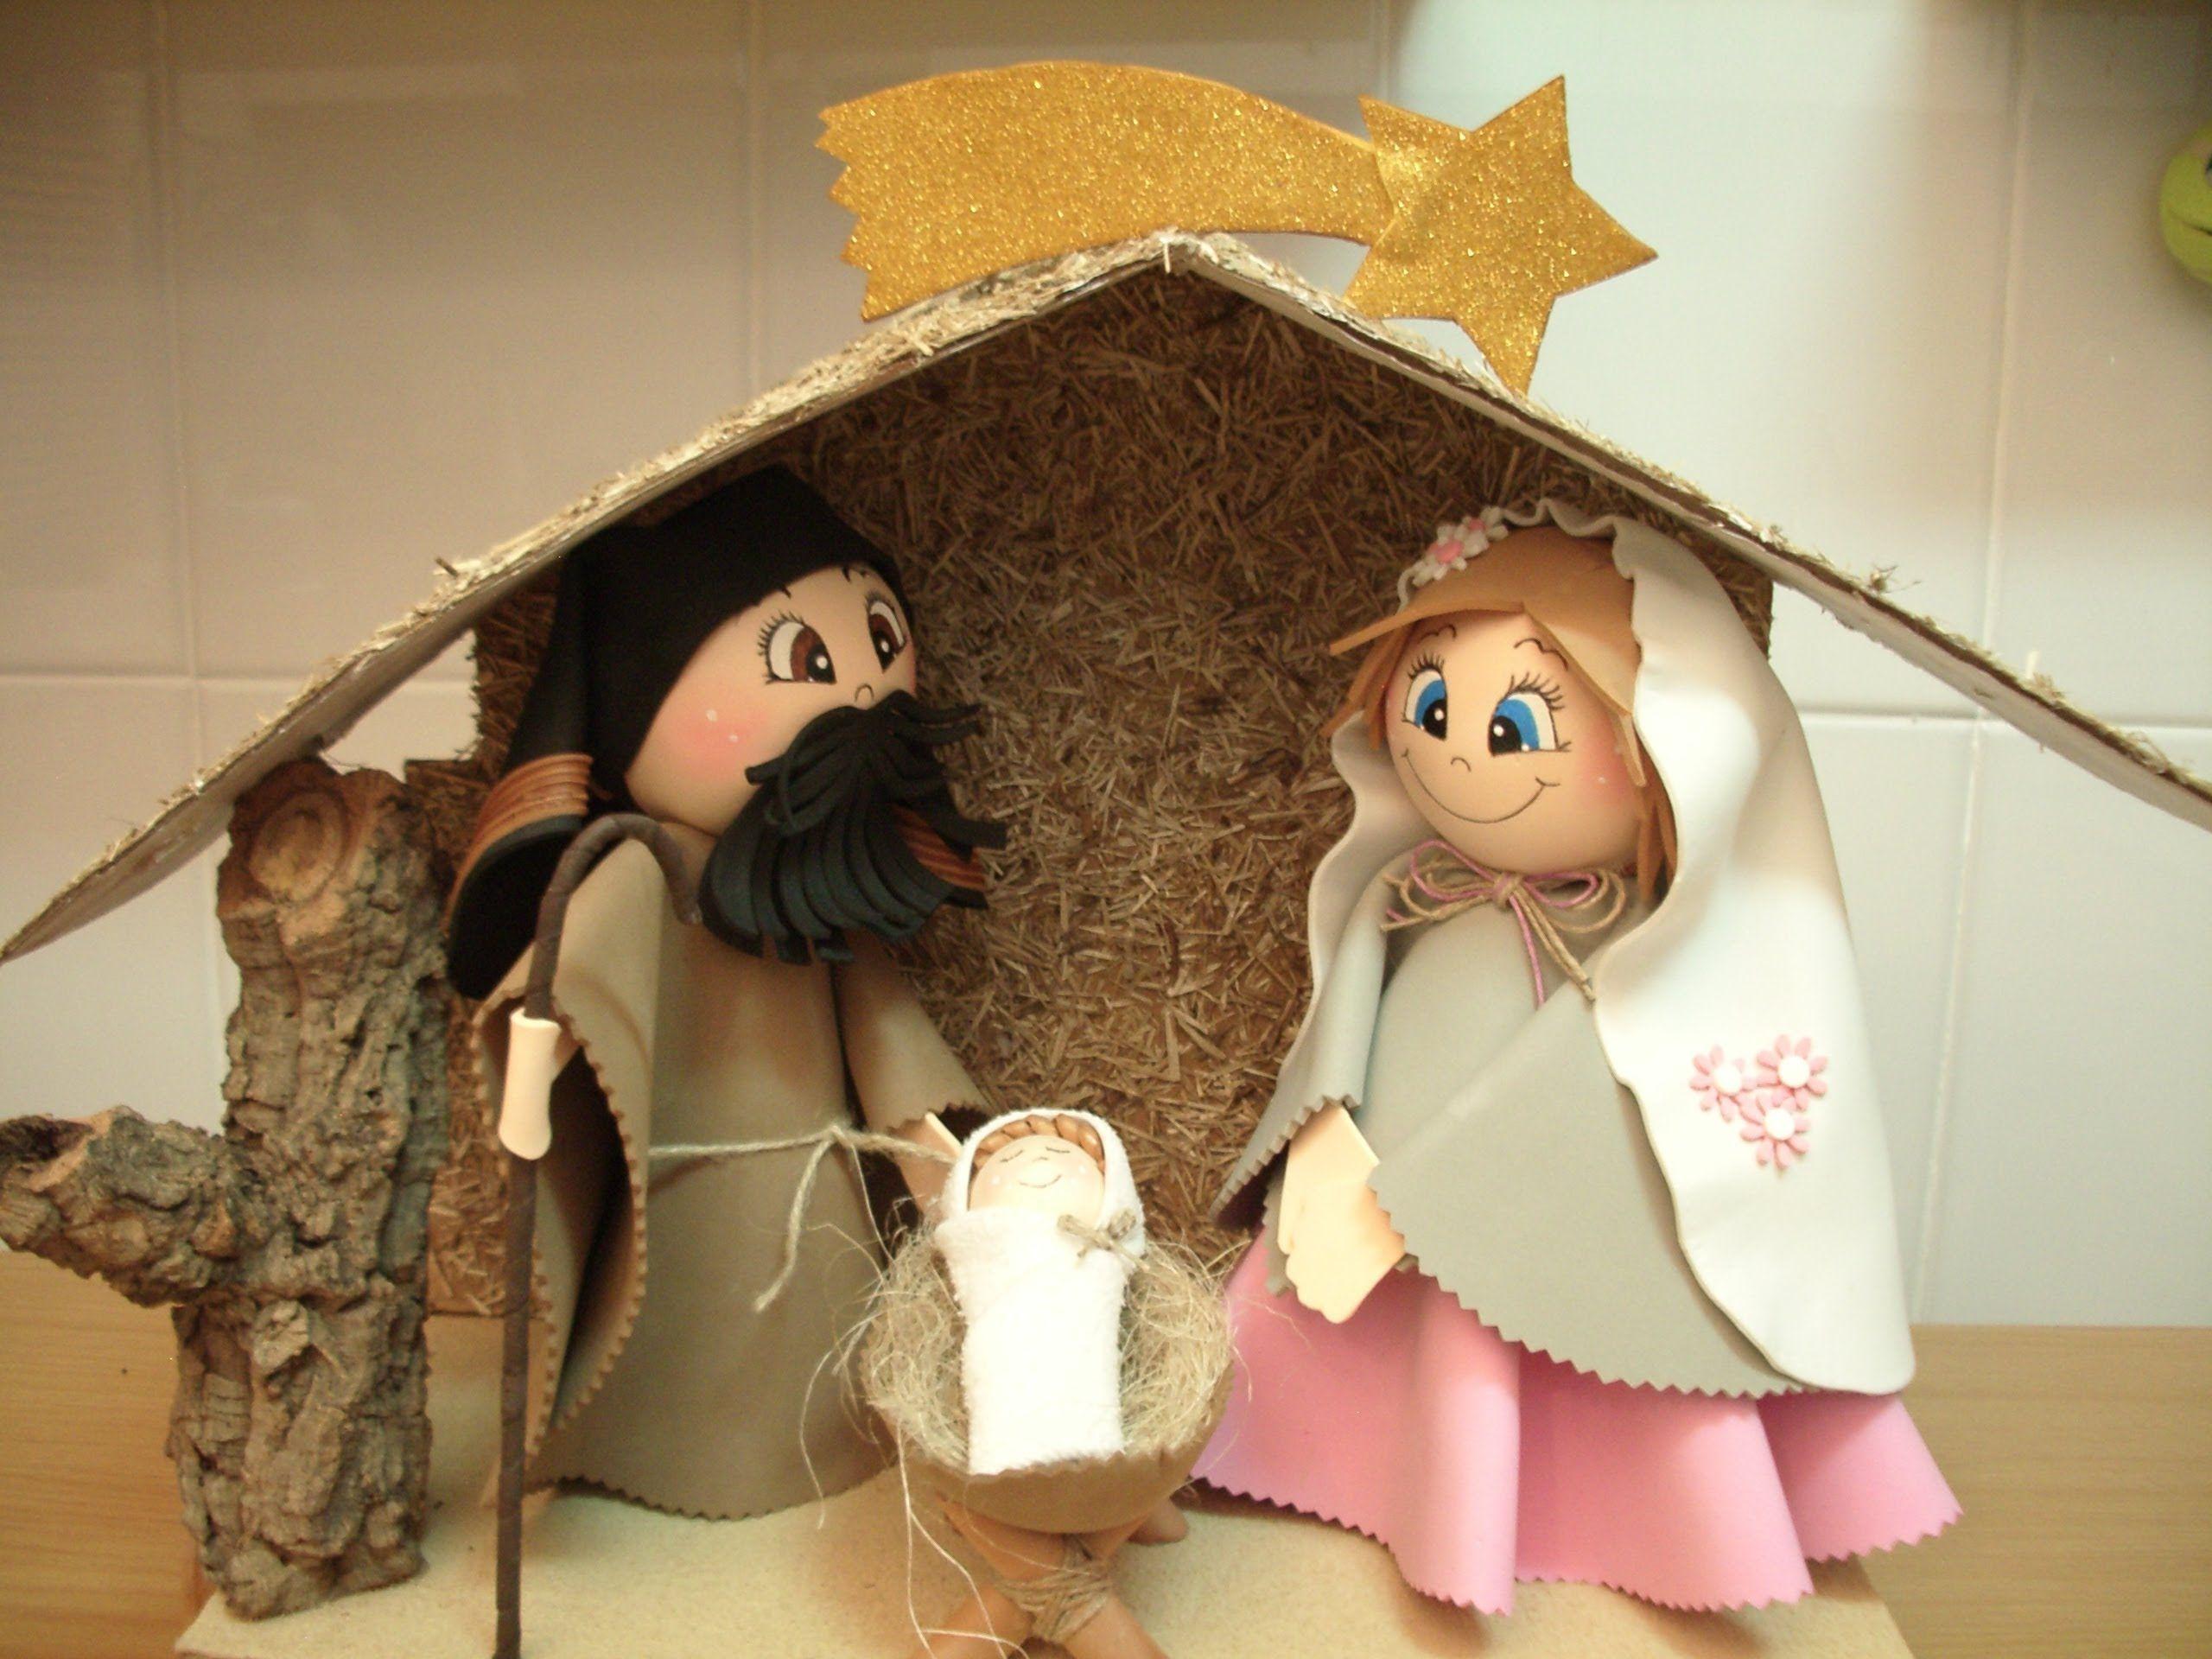 Fotos Del Nacimiento De Navidad.Como Hacer Un Belen O Nacimiento De Navidad En Goma Eva